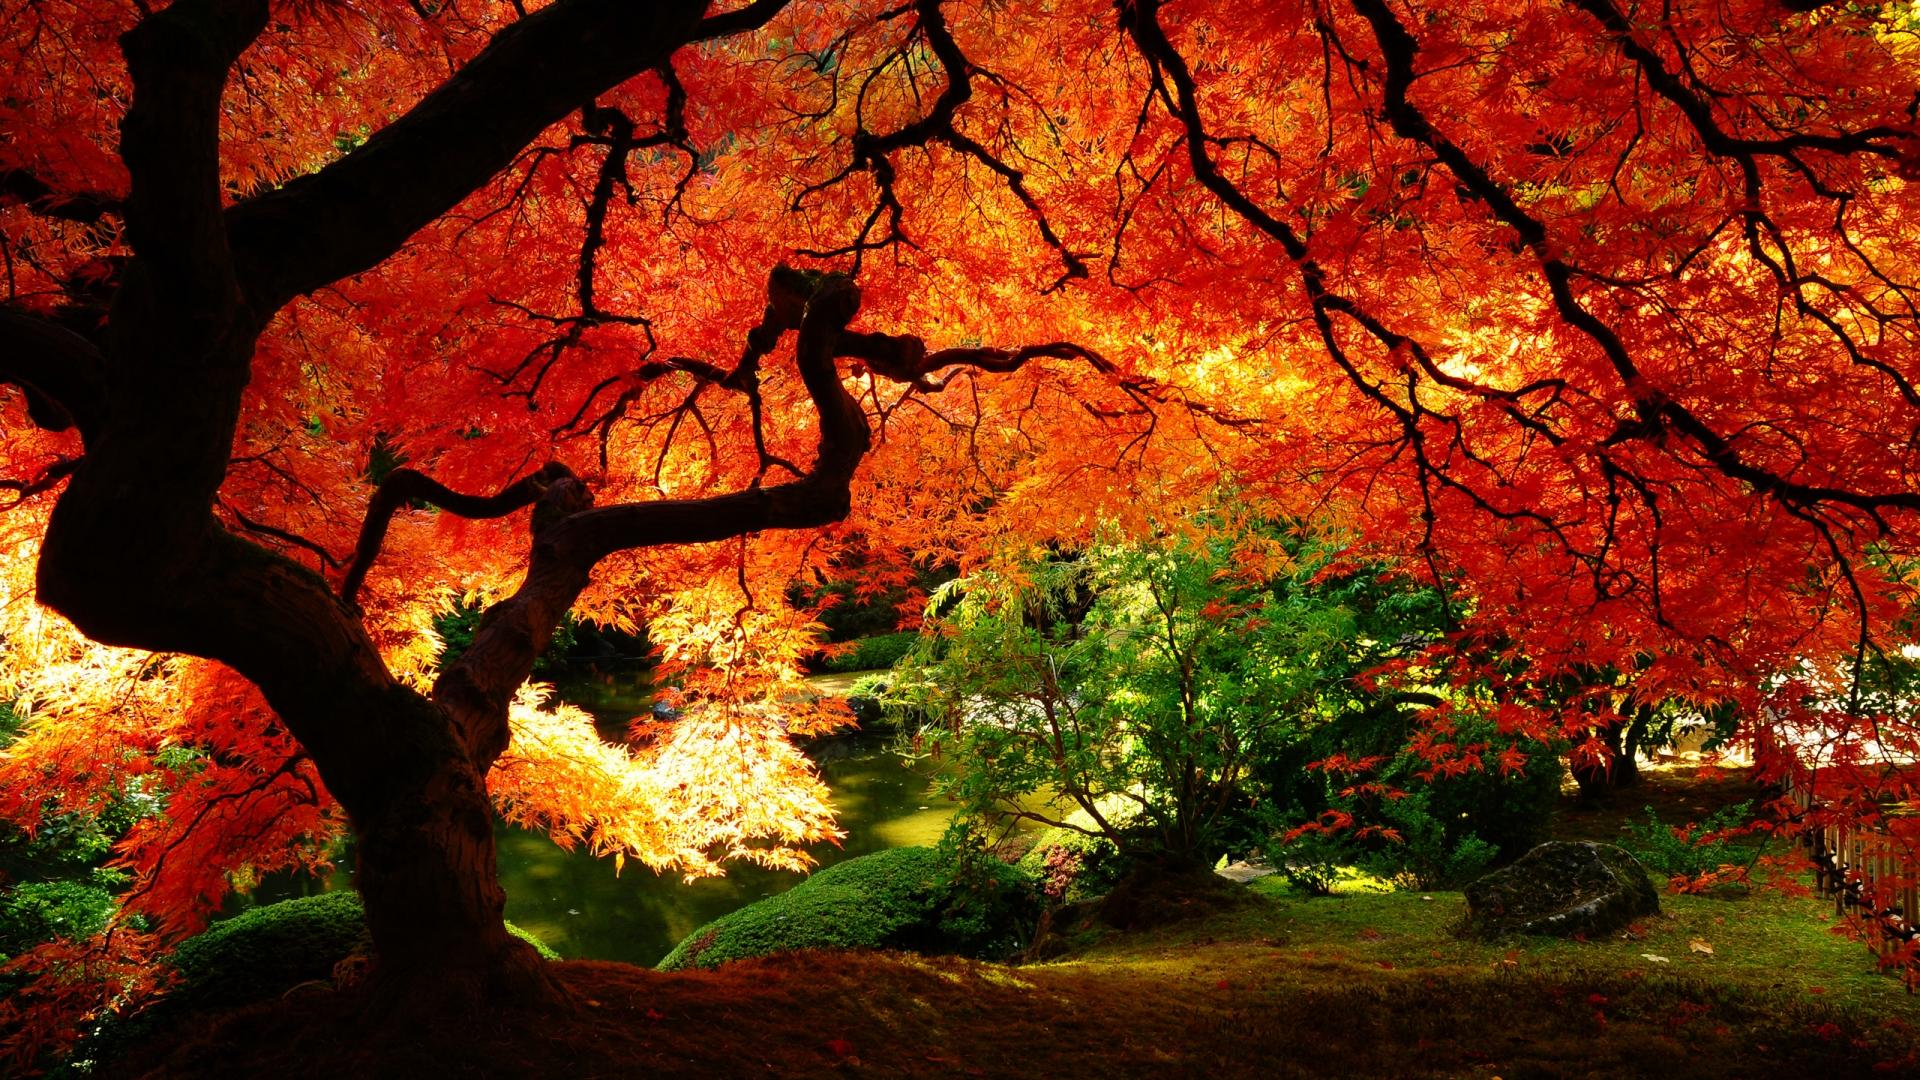 Fall Wallpaper for My Desktop   wwwwallpapers in hdcom 1920x1080